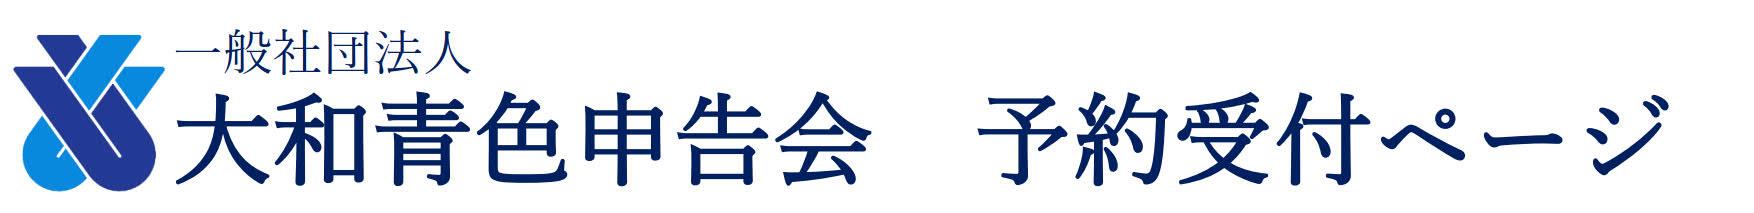 Logo for airreserve_1.jpg